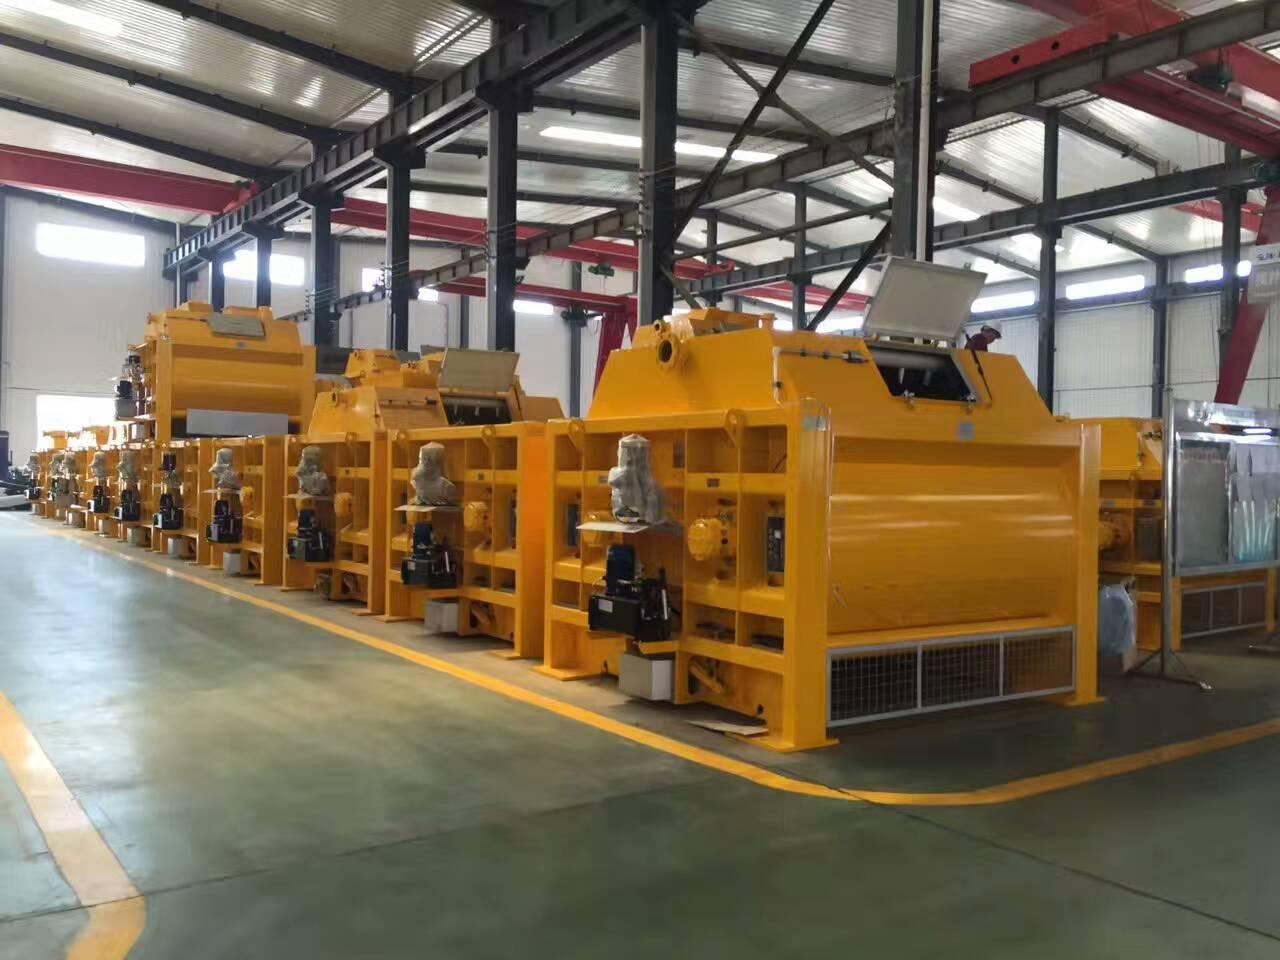 攪拌機配件打包出口新西蘭建設牧場 1